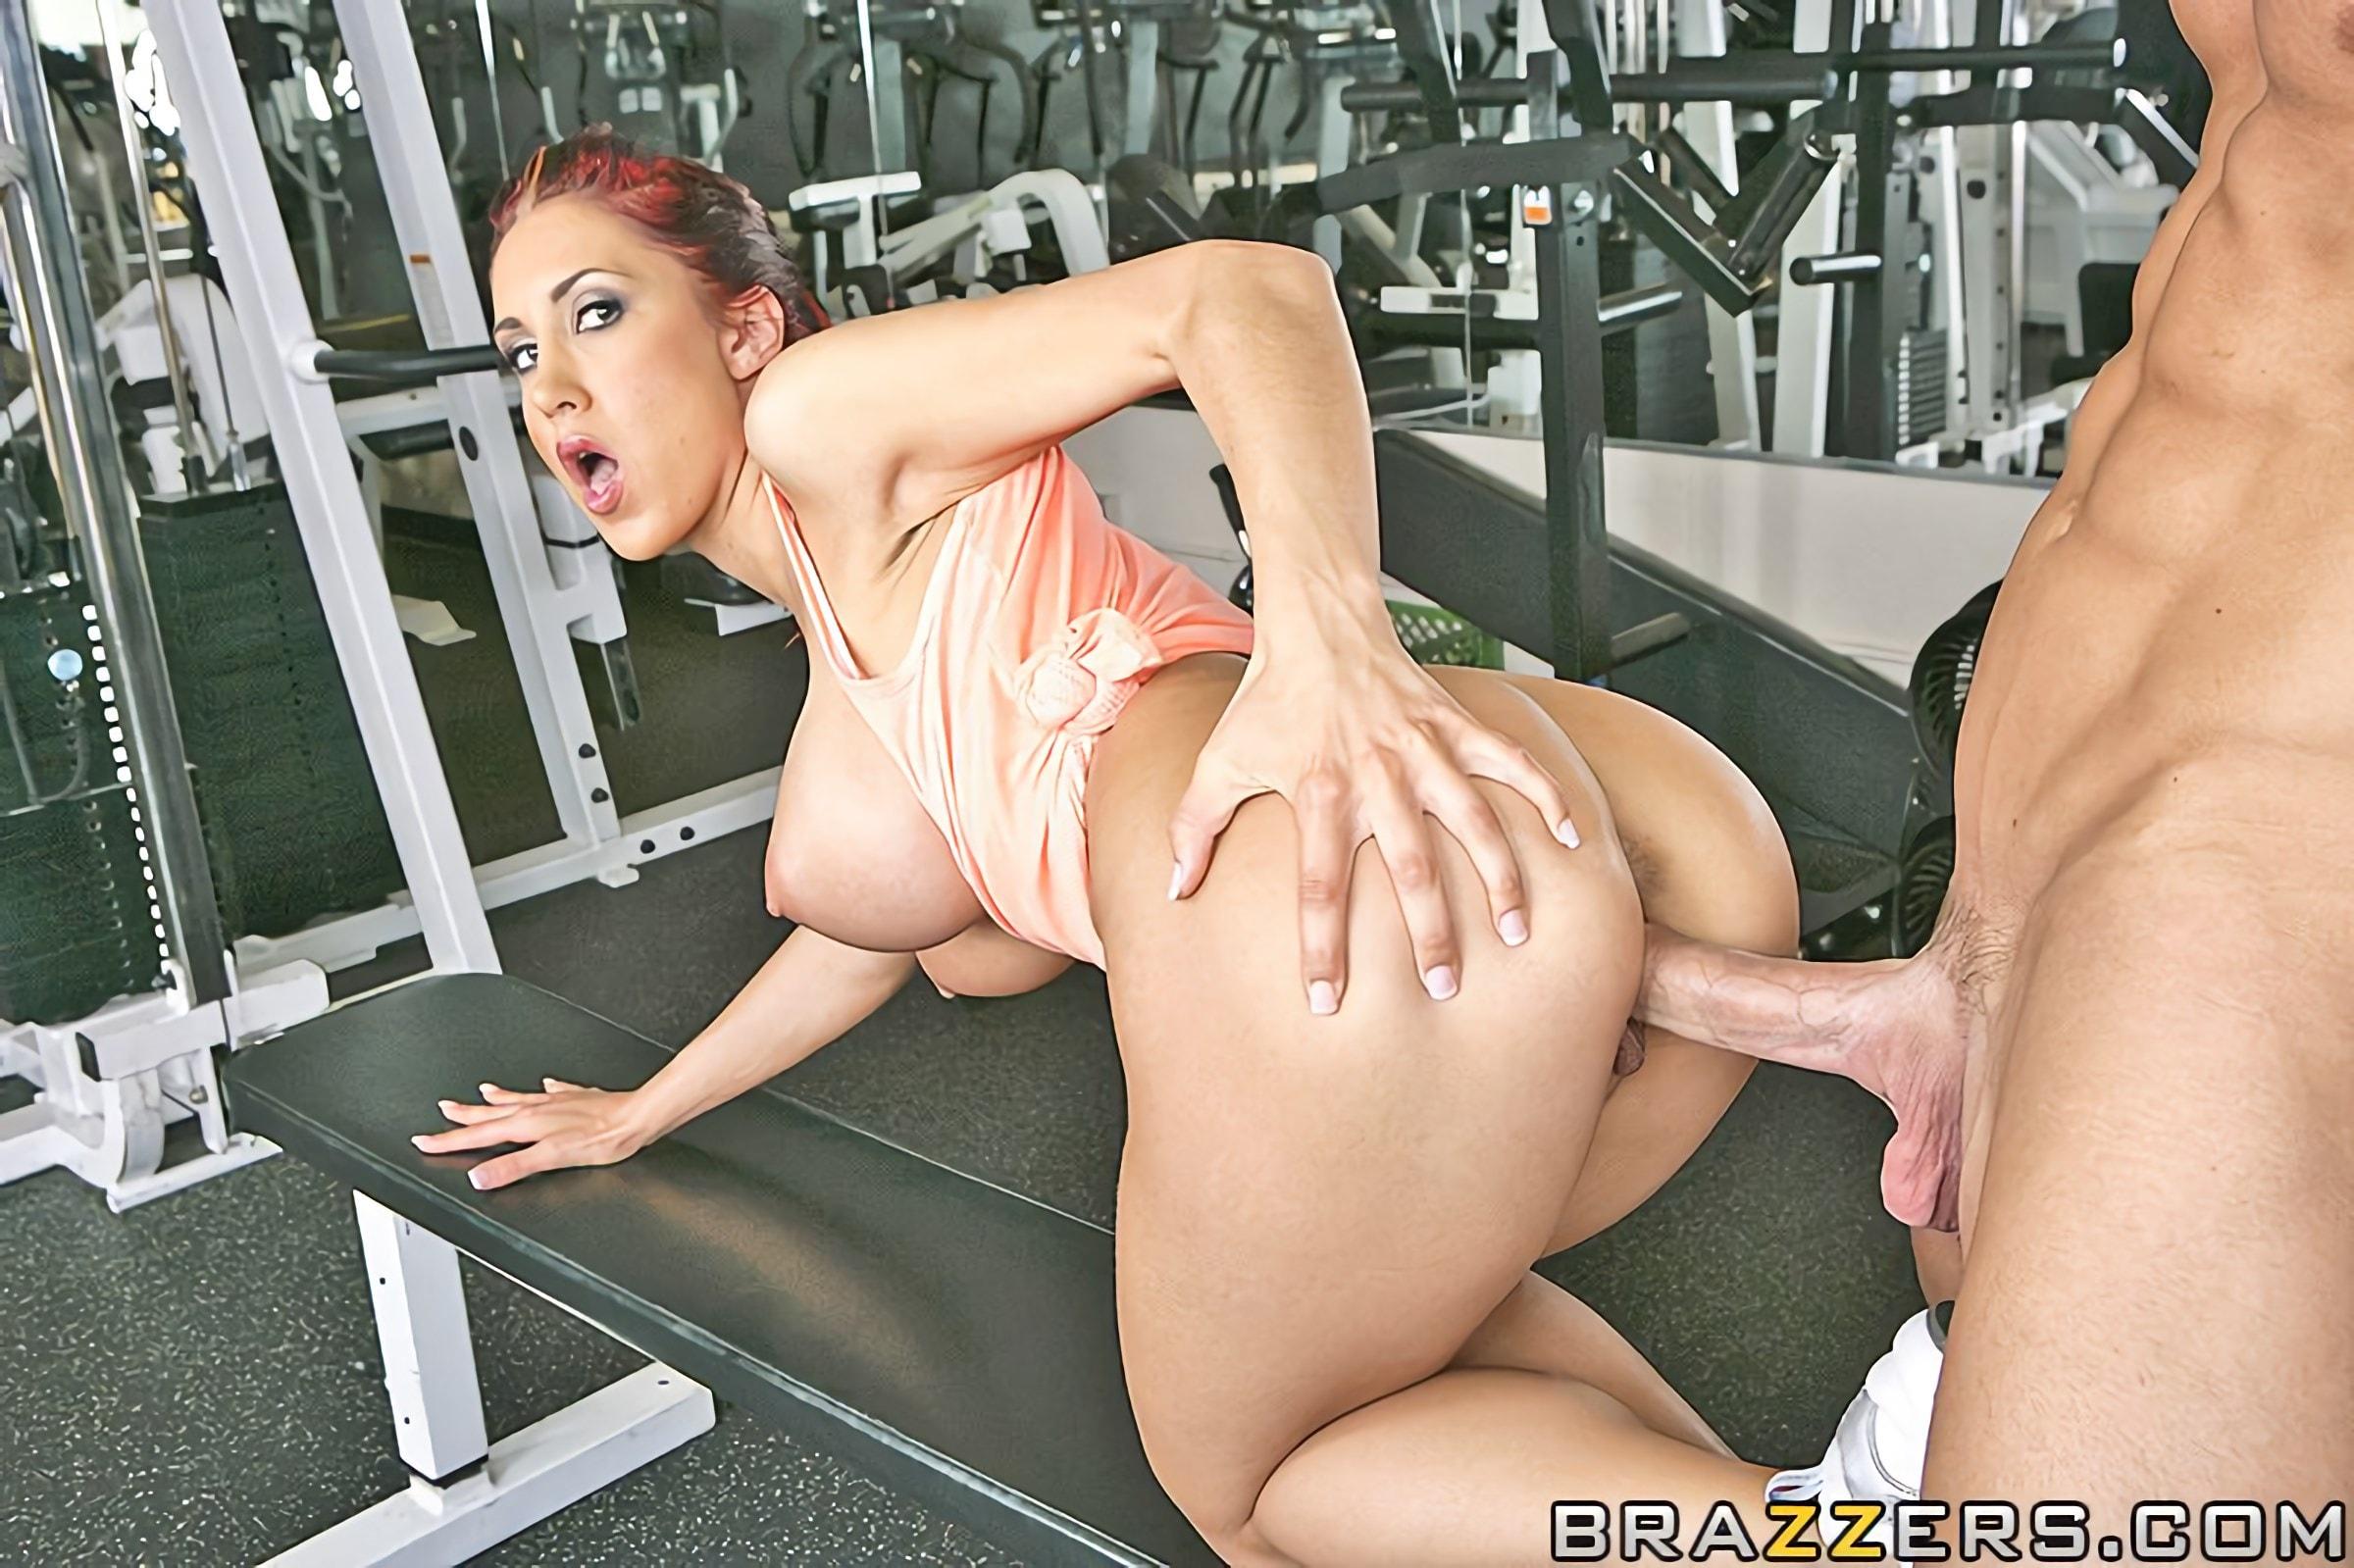 Порно сисястых после тренировки, фото эксклюзивно огромные клиторы